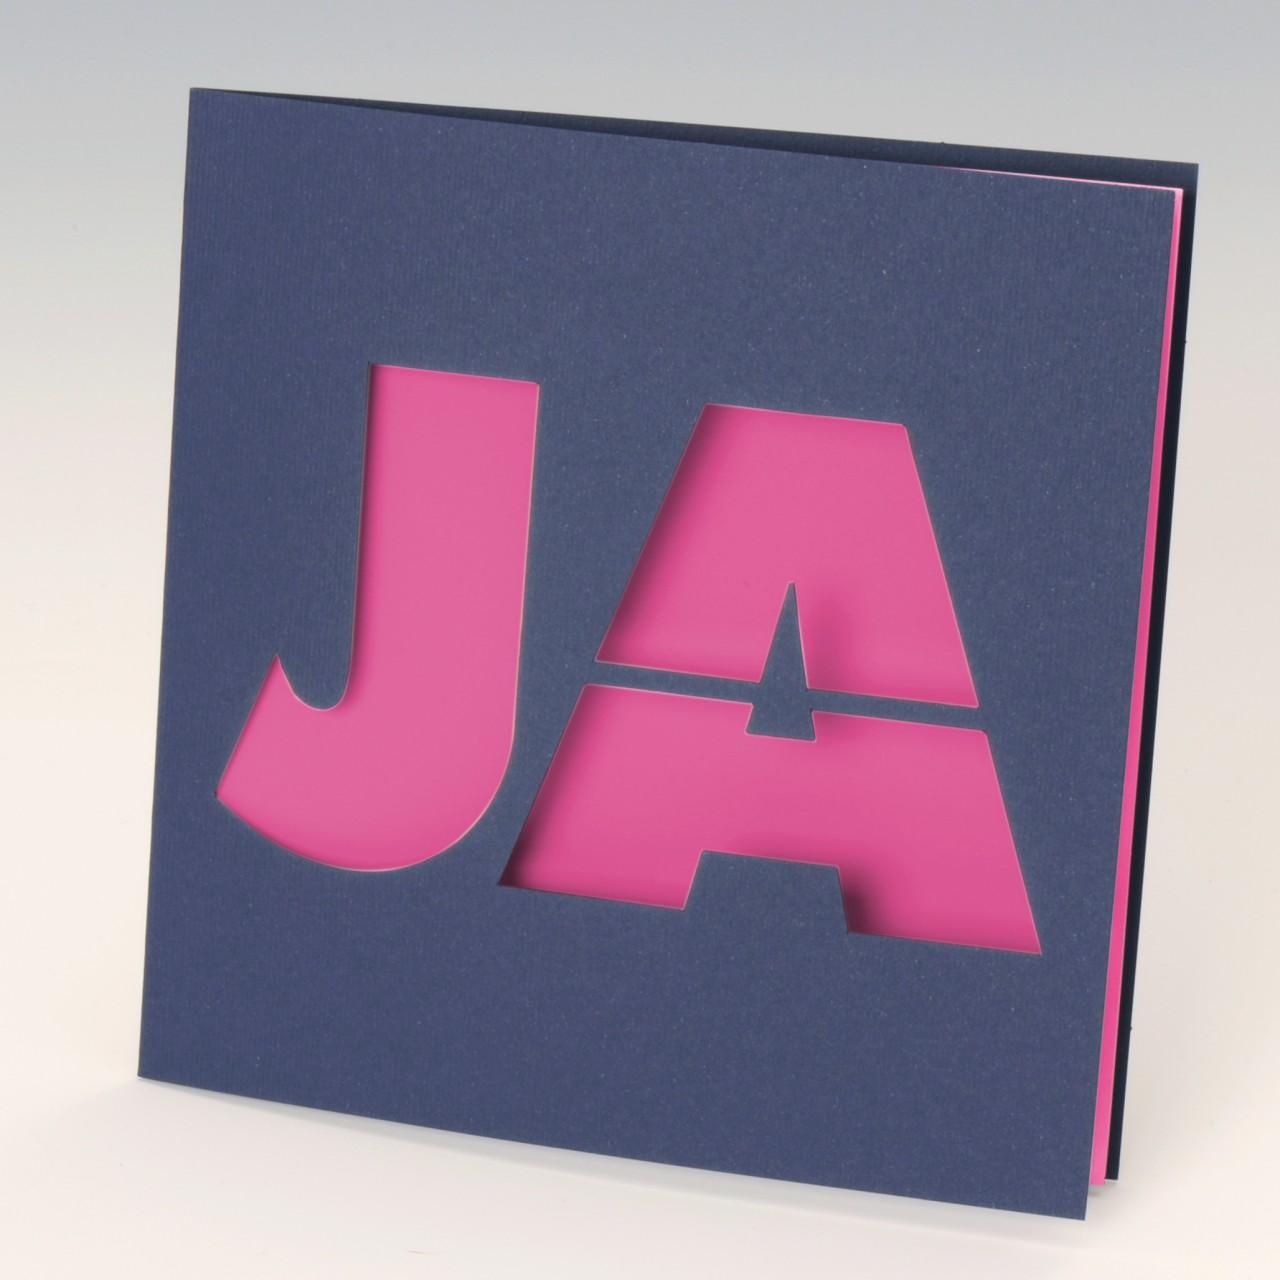 """Dunkelblaue Einladungskarte mit großem gestanzten """"JA"""" und finkfarbenem Einleger"""